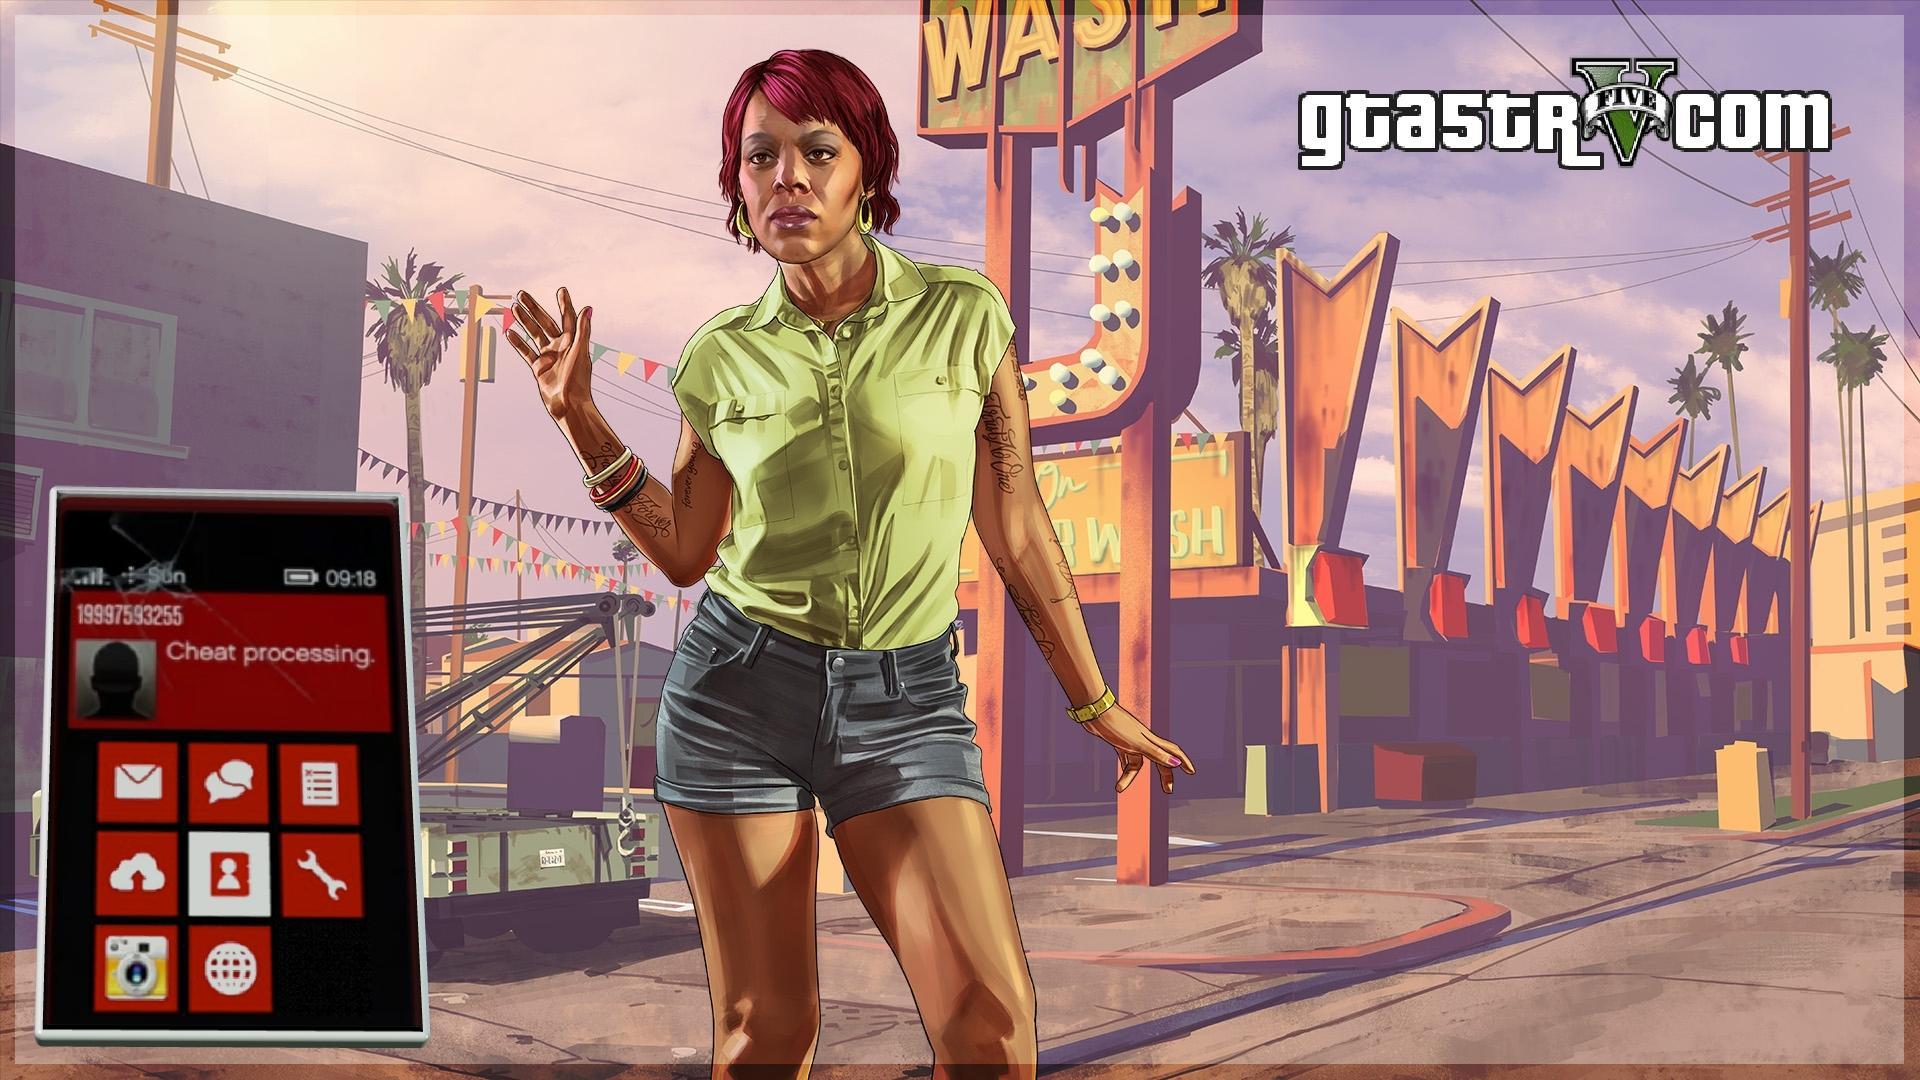 GTA 5 Hilesi Cep Telefon Numaraları